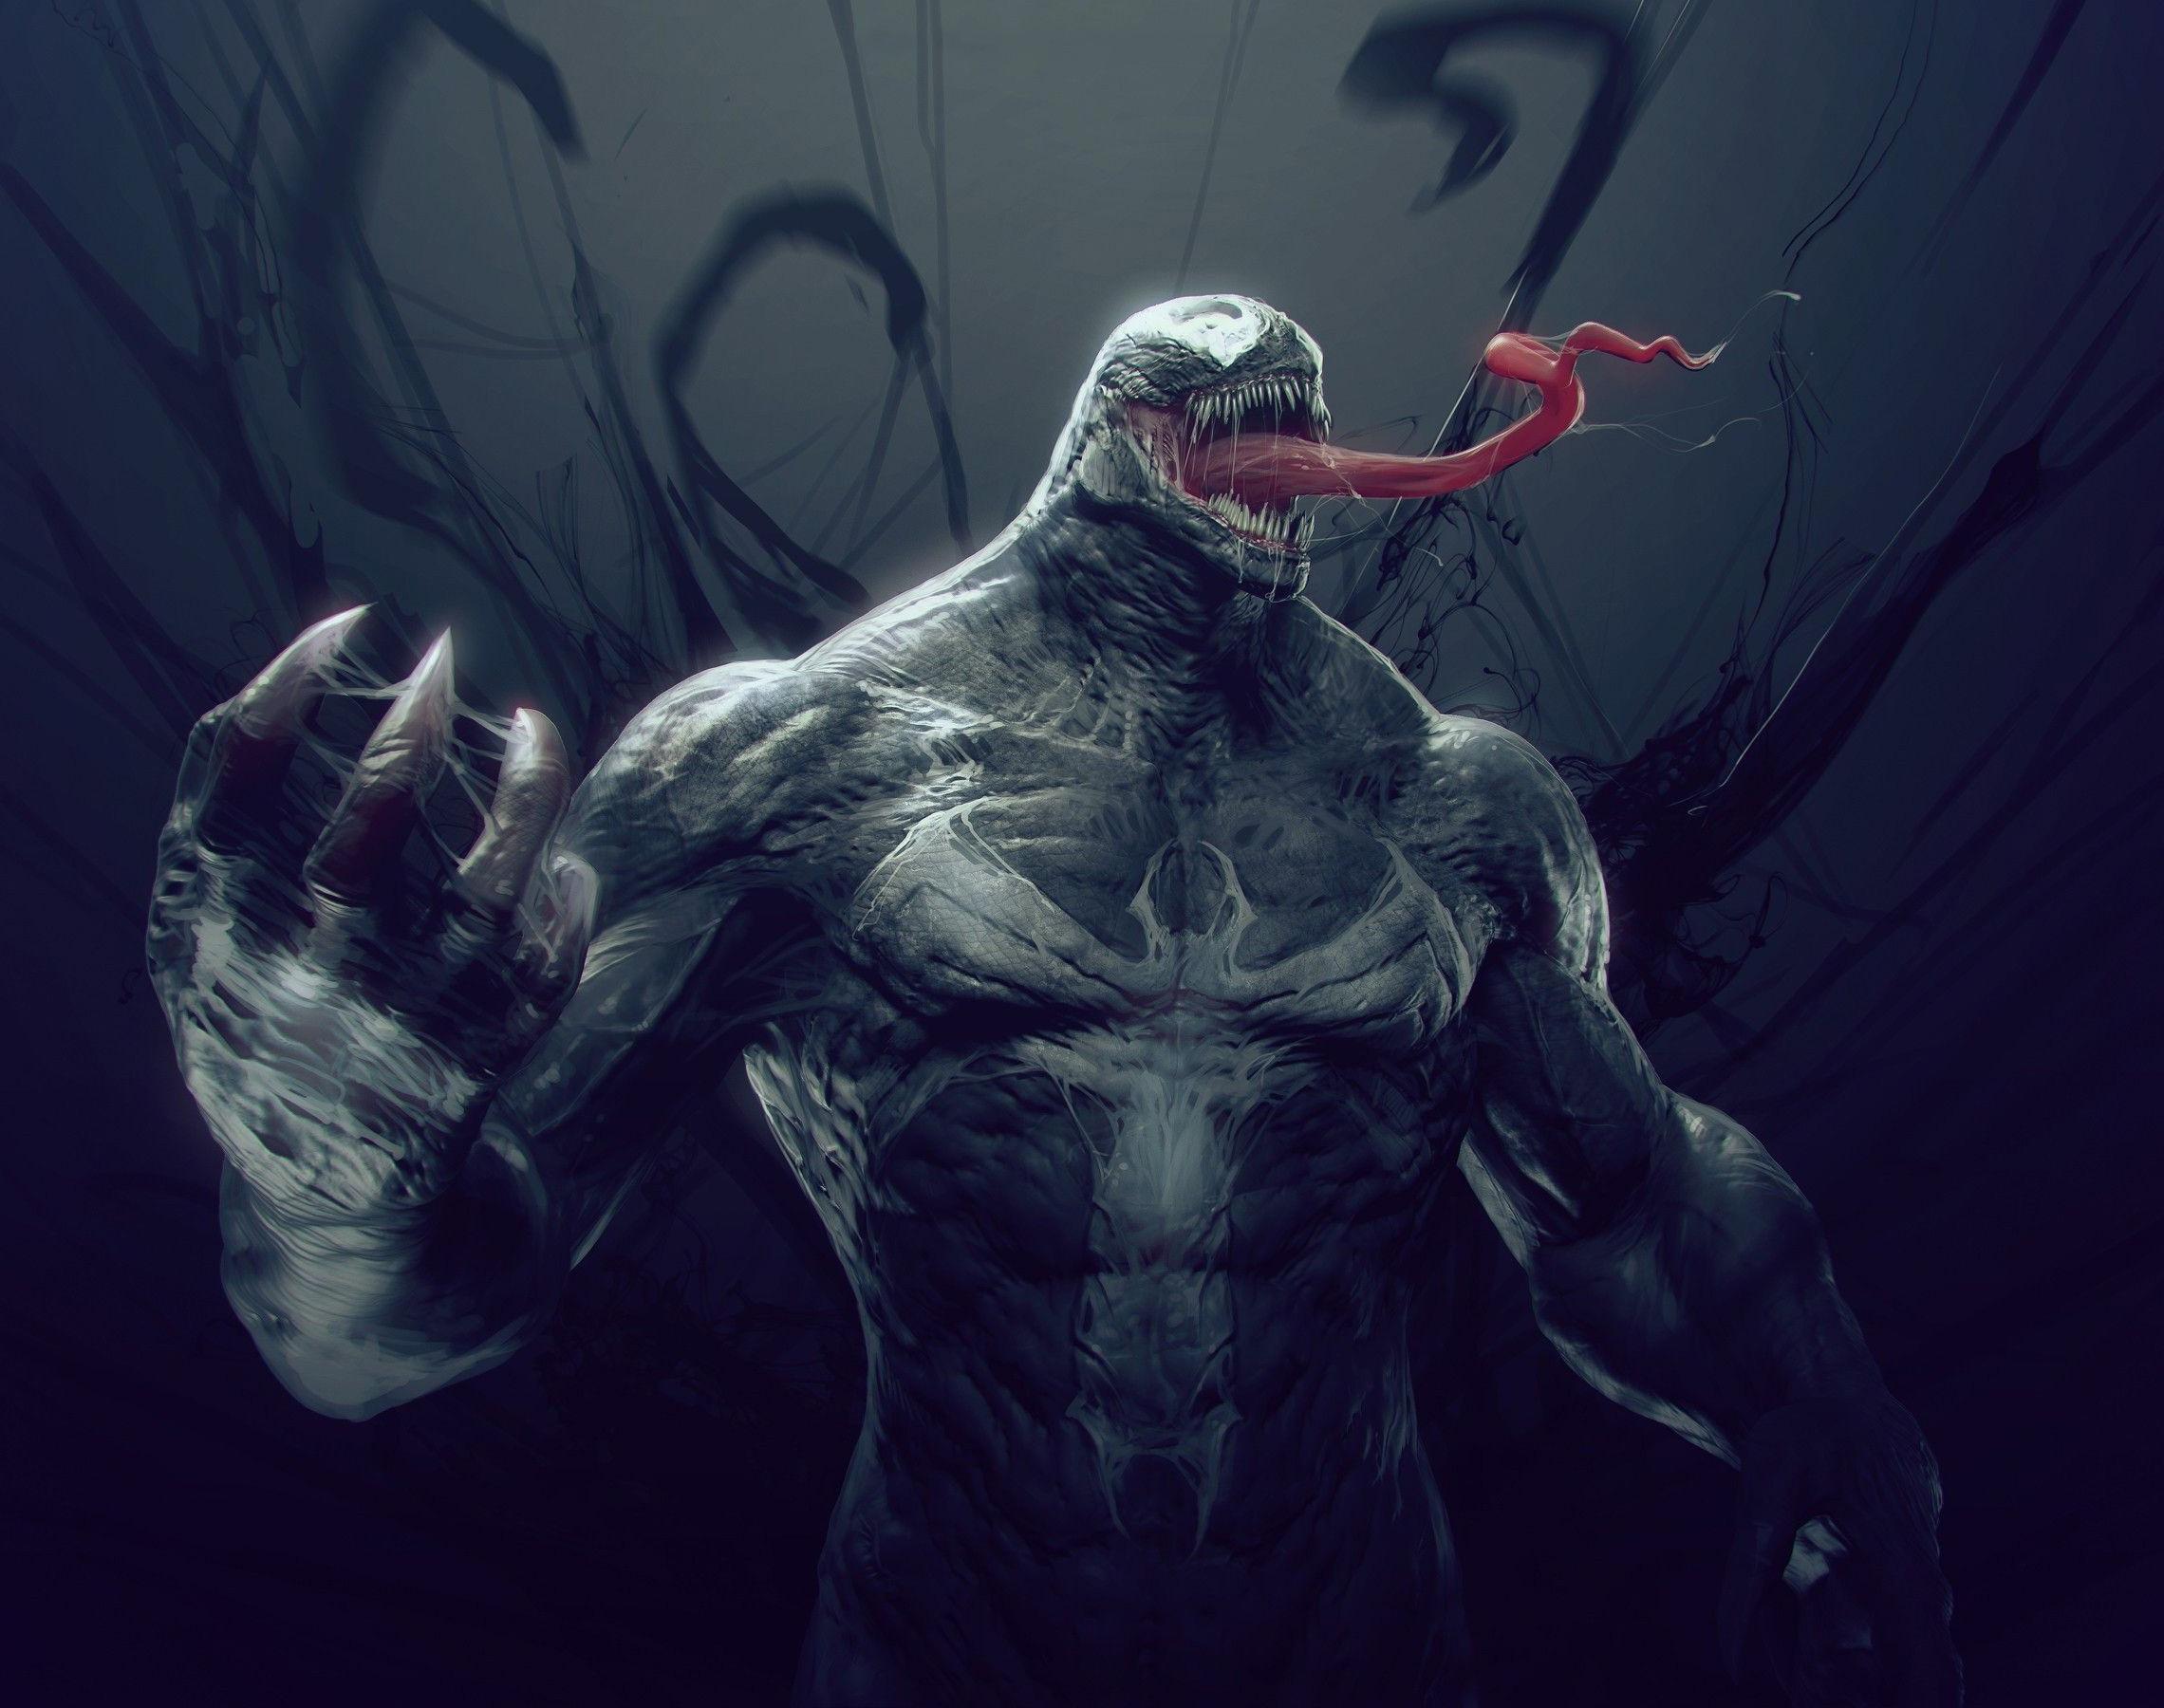 Venom Digital Art, HD Superheroes, 4k Wallpapers, Images ...